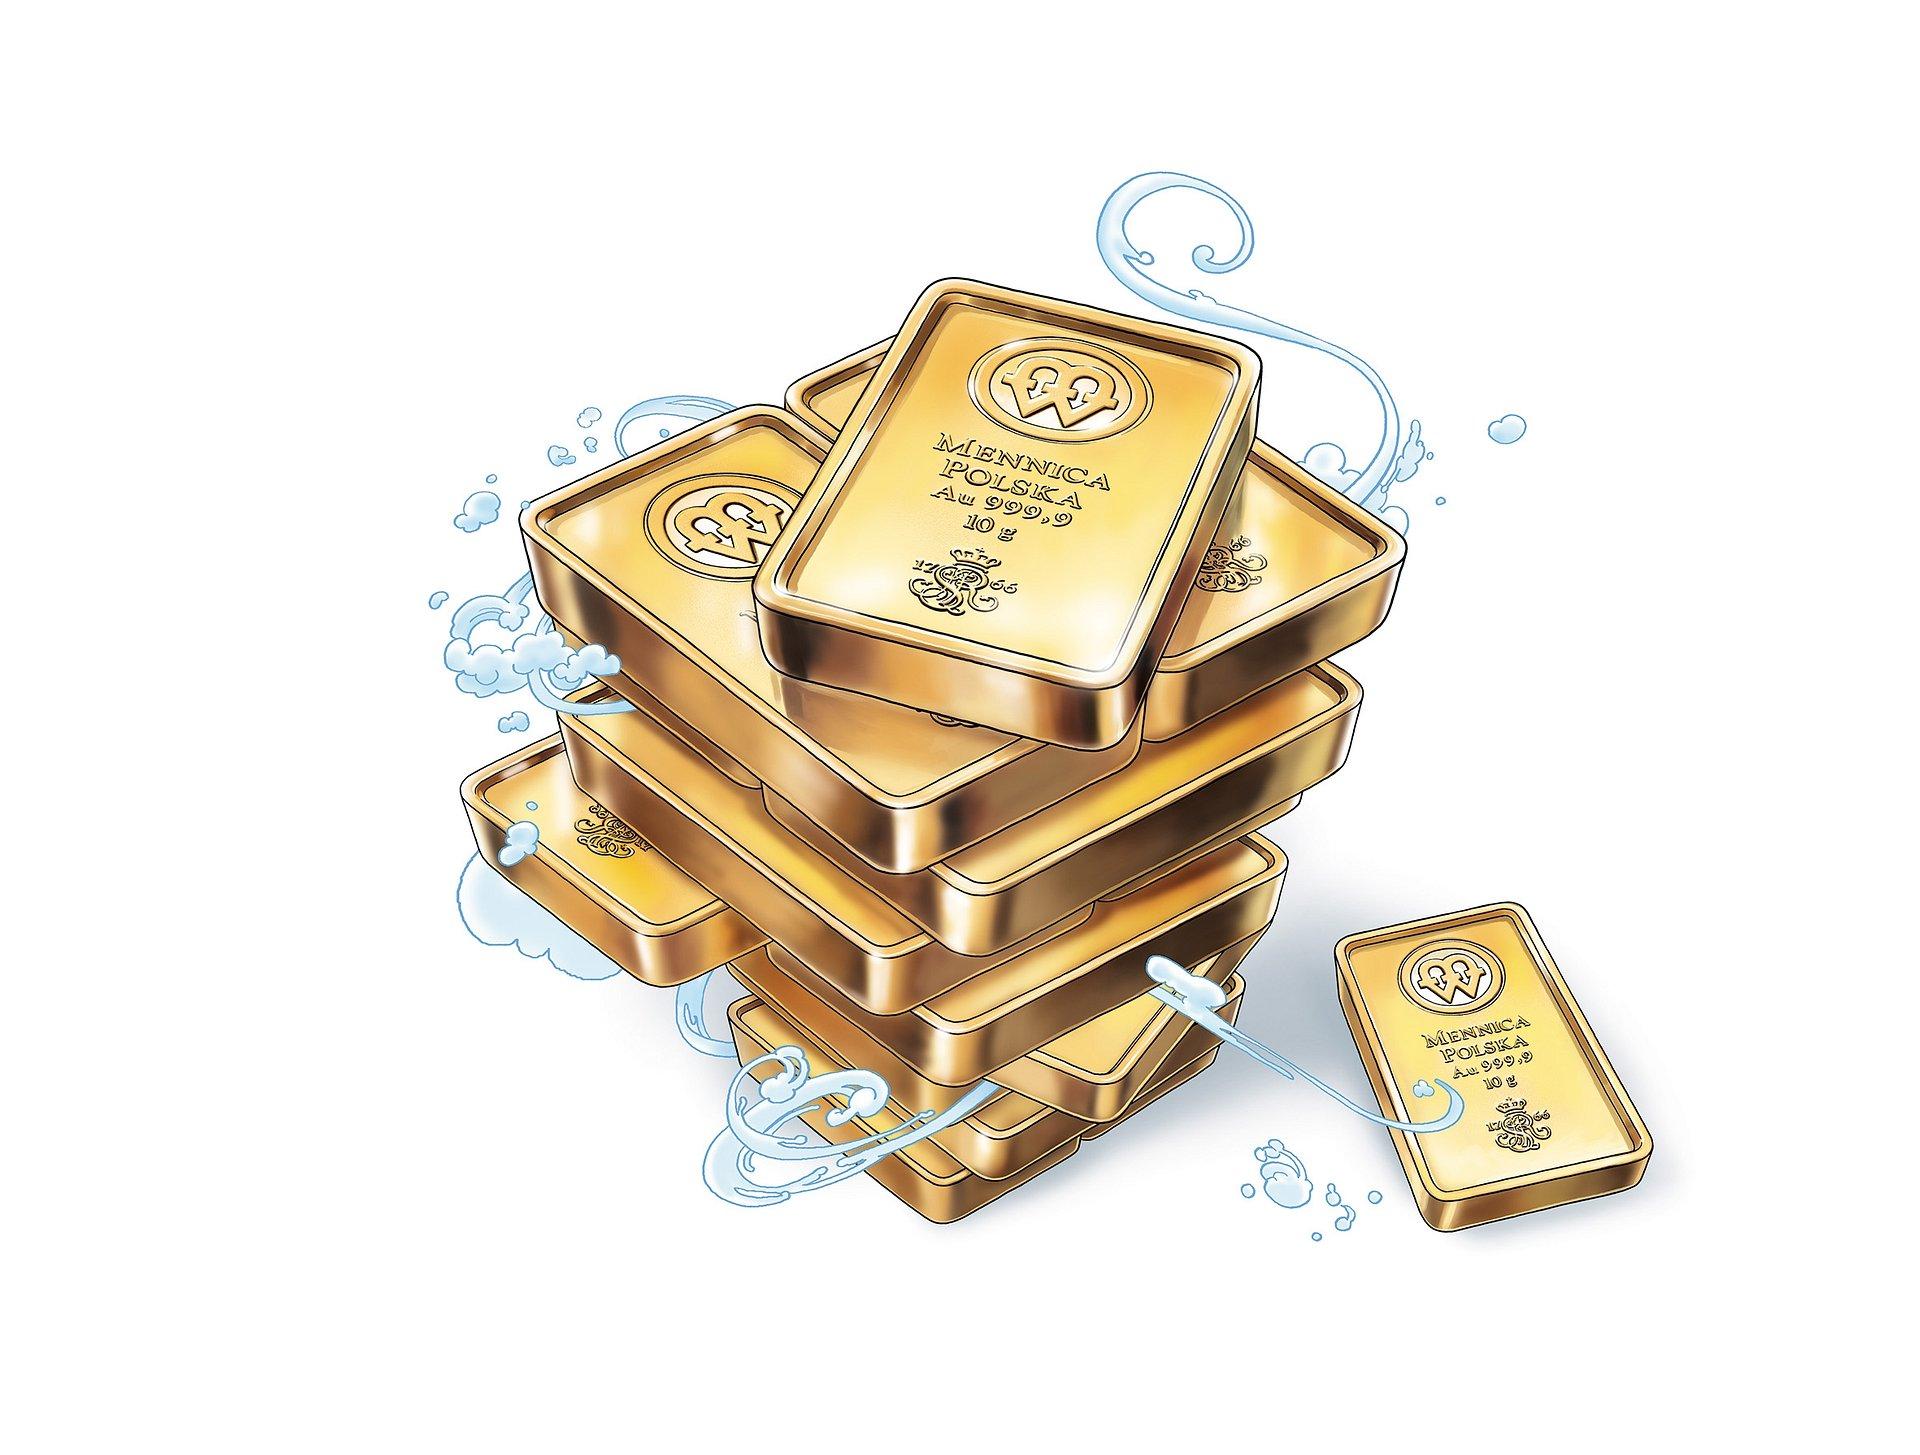 Sprzedaż sztabek złota w oddziałach PKO Banku Polskiego